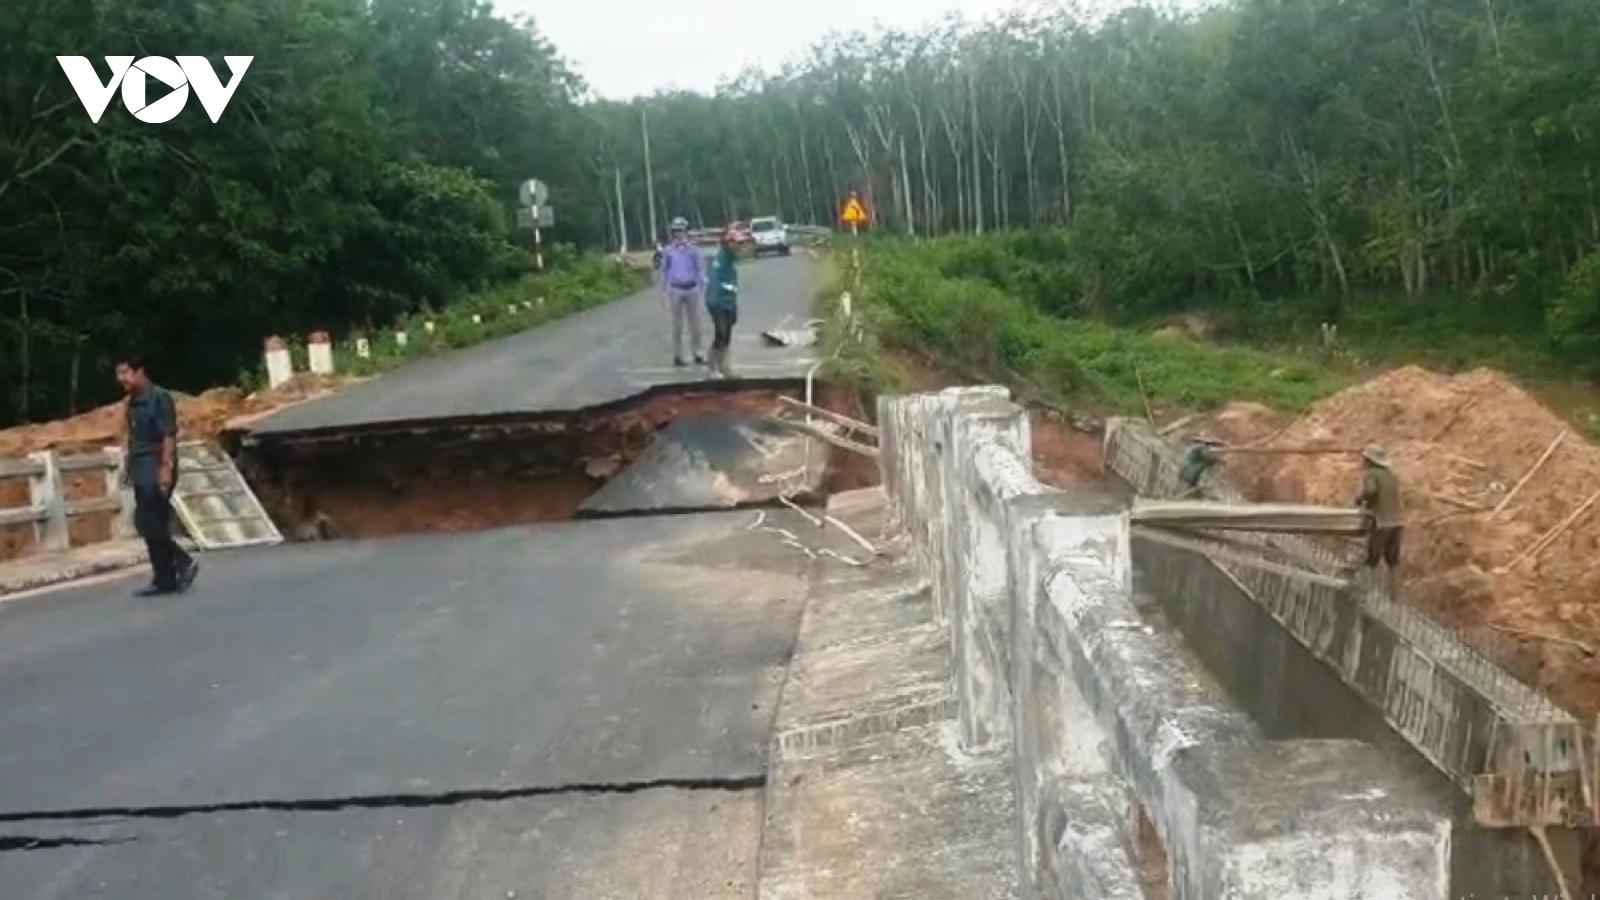 Cầu bịsụt lún, nứt toác khi đang đượcgia cố